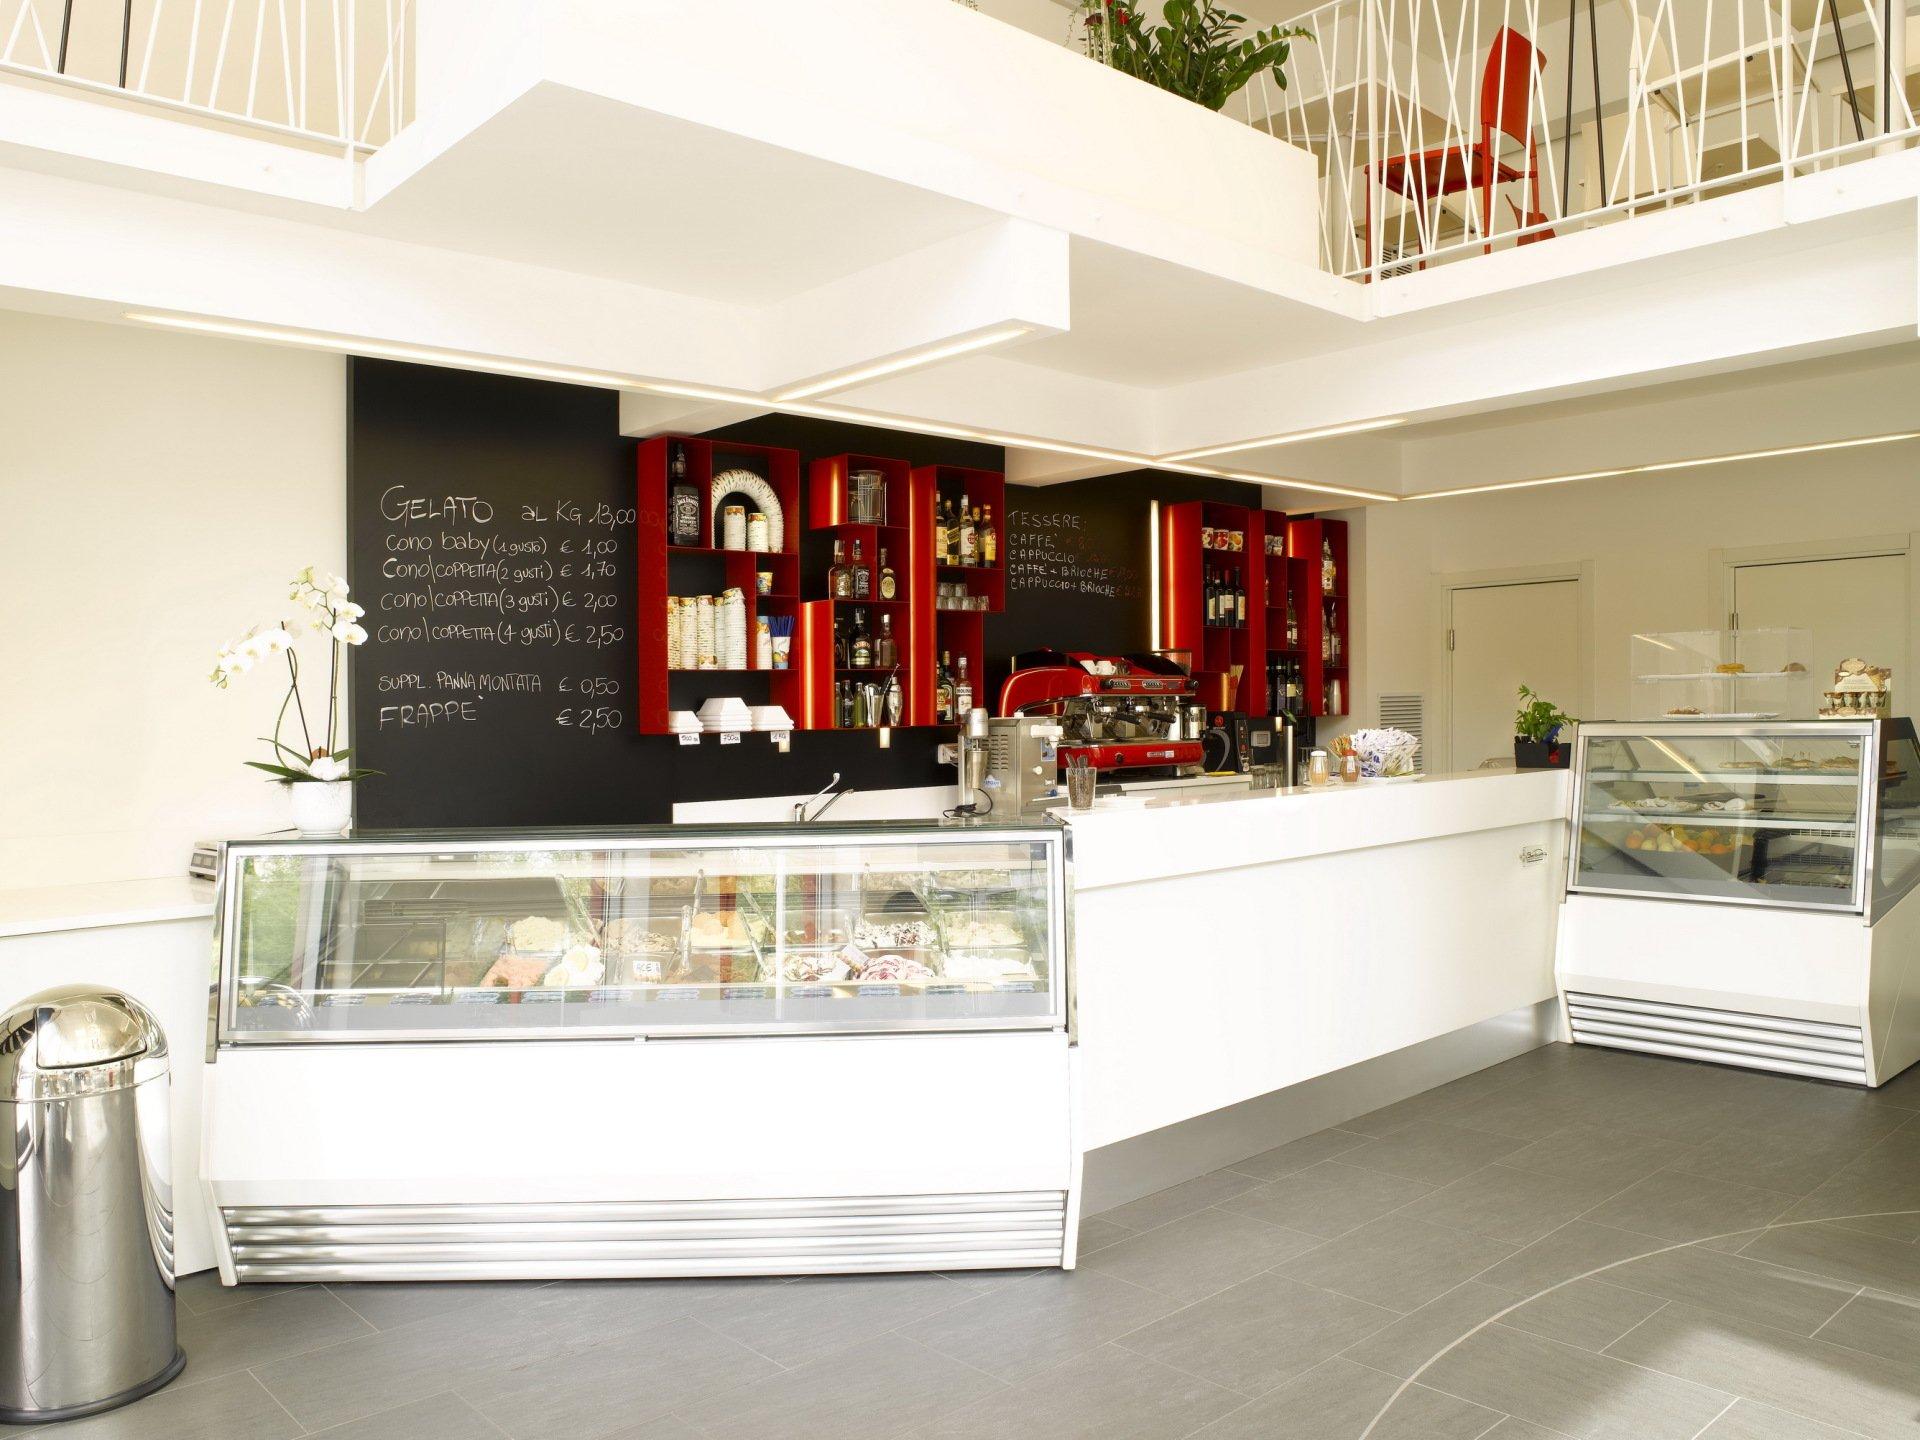 Bar e ristoranti gallarate barban arredamenti for Arredamenti gallarate